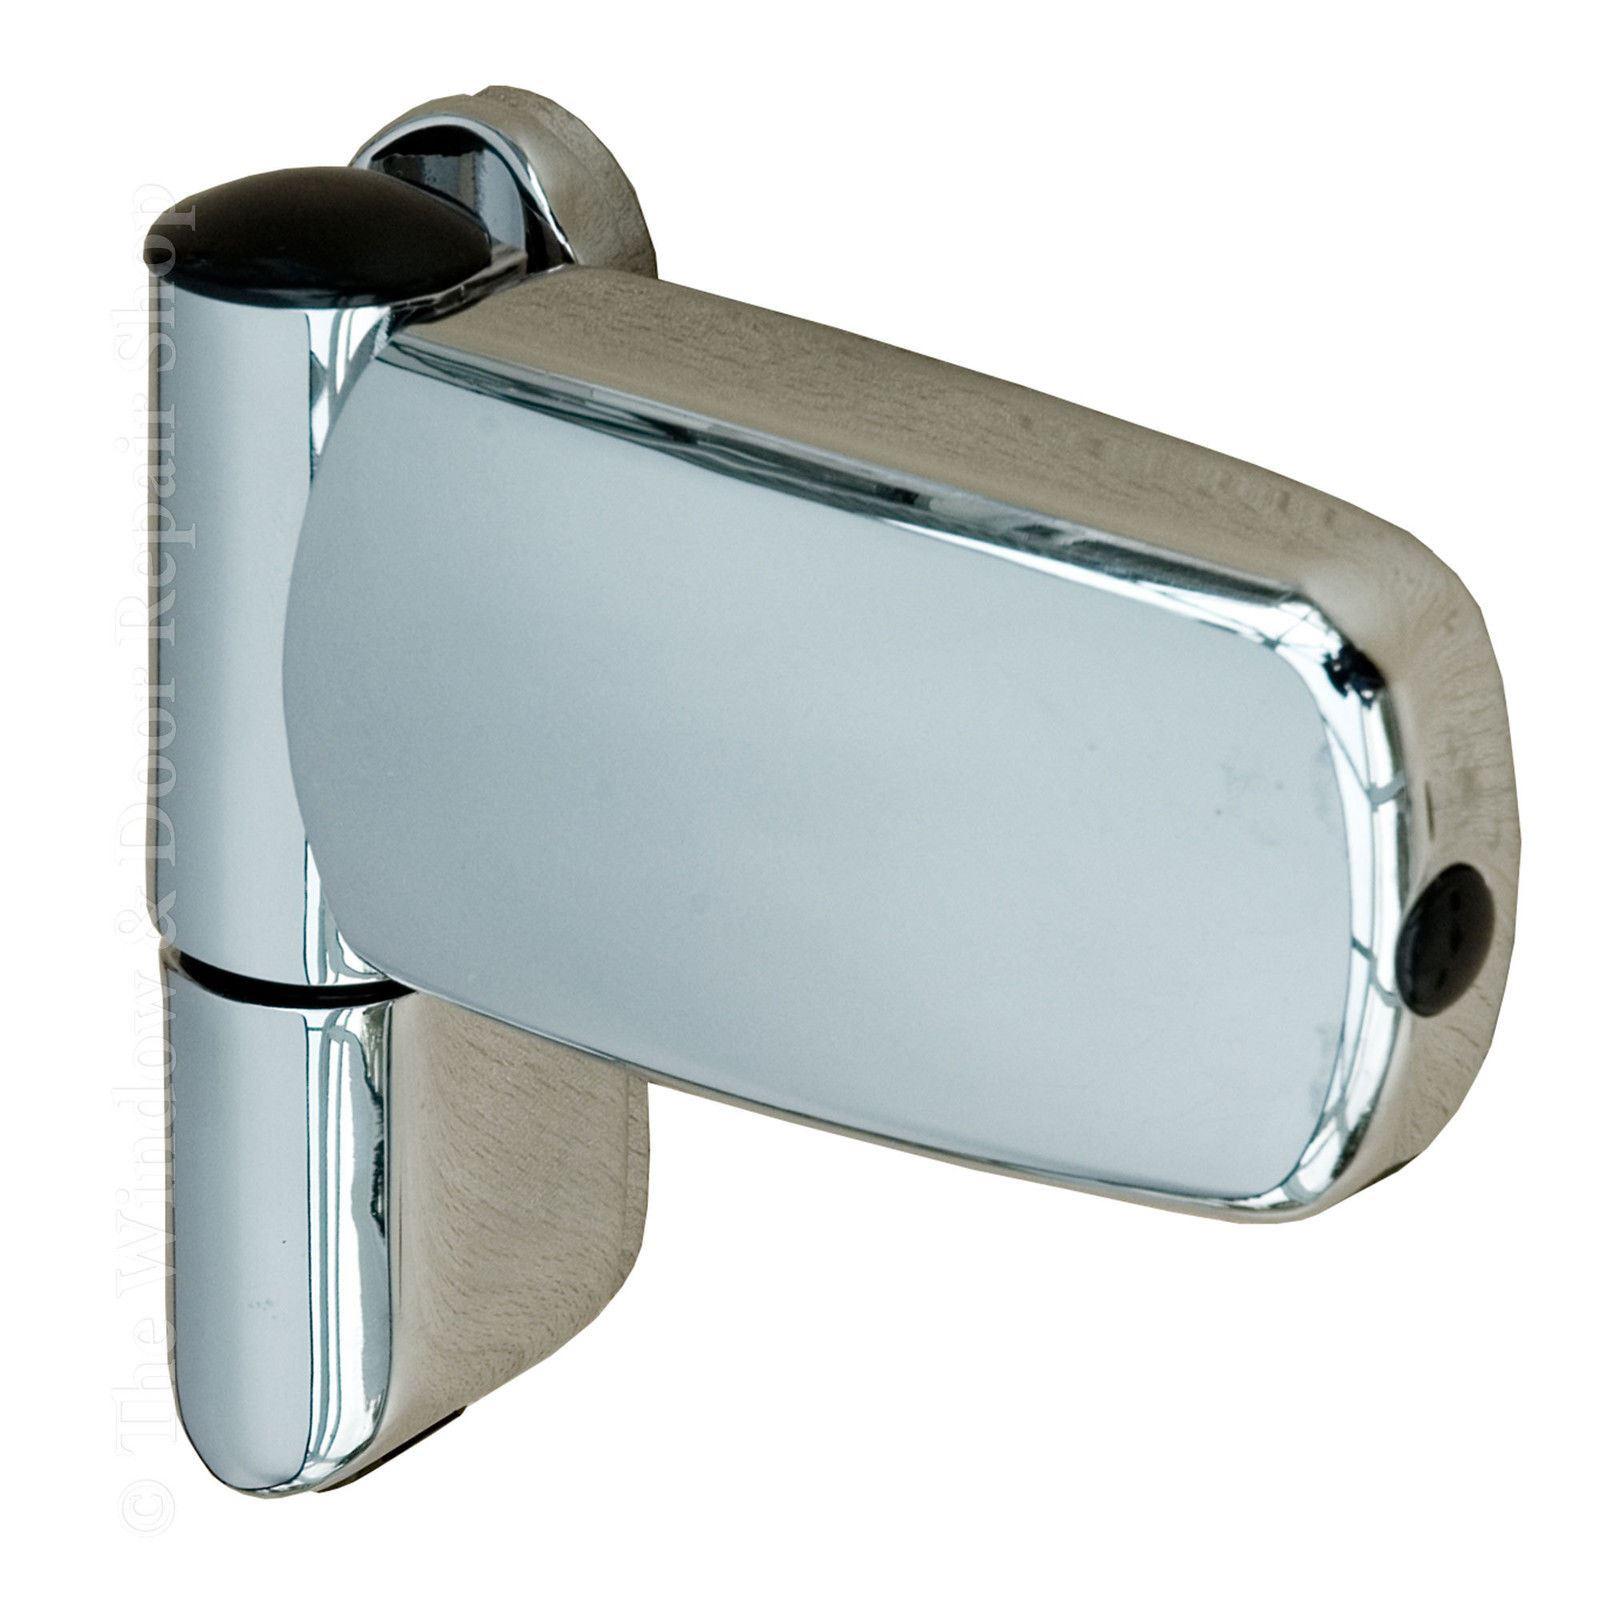 Upvc door flag hinge avocet et3d triad adjustable for for Upvc door hinges